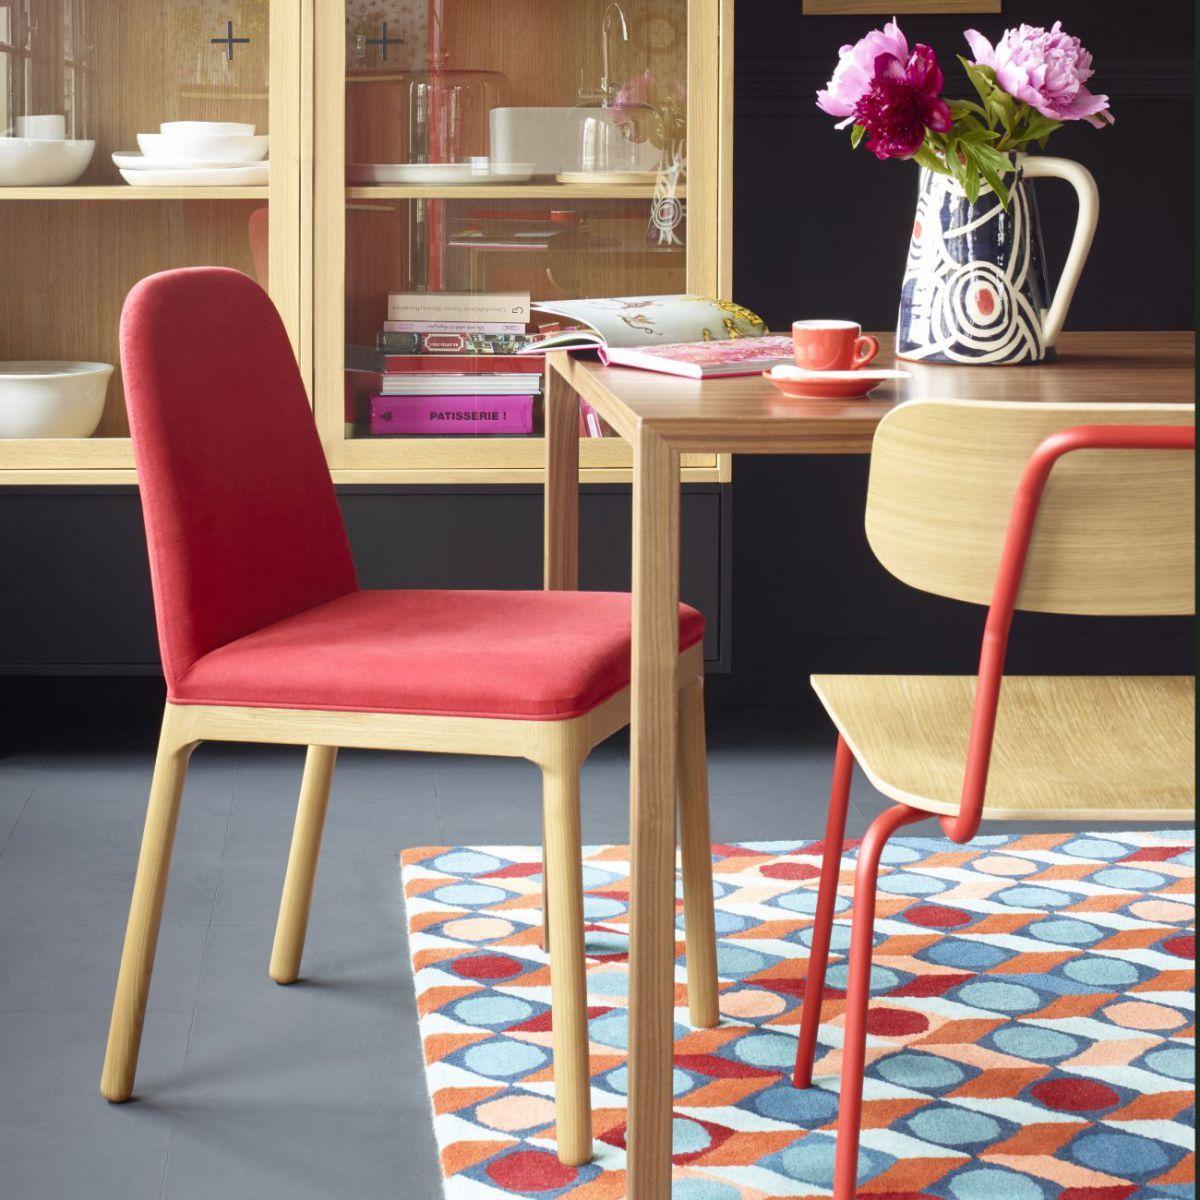 Decouvrez Tratto Tables De Salle A Manger Naturel Bois Chez Habitat Fabricant De Meubles Et D Objets Design Utiles Et Accessibles Depuis 1964 Meubels